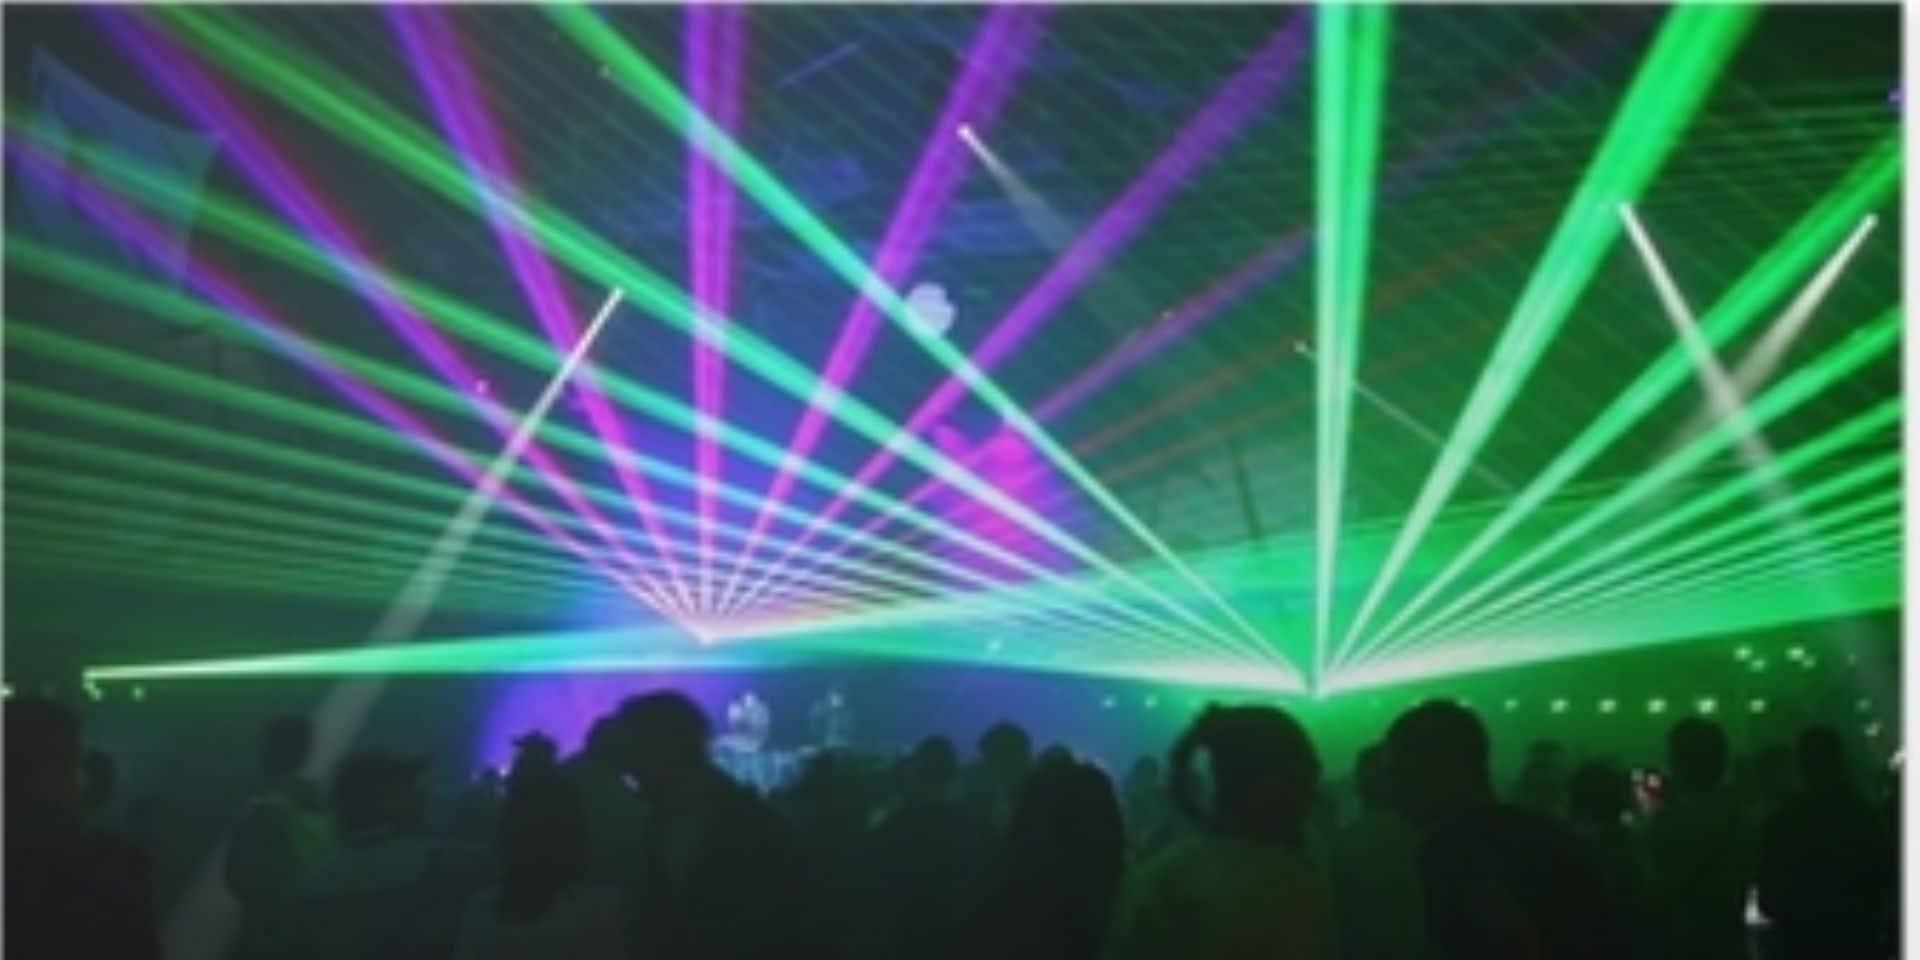 Une lockdown party stoppée par la police à Tintigny: 27 jeunes Français faisaient la fête dans un gîte